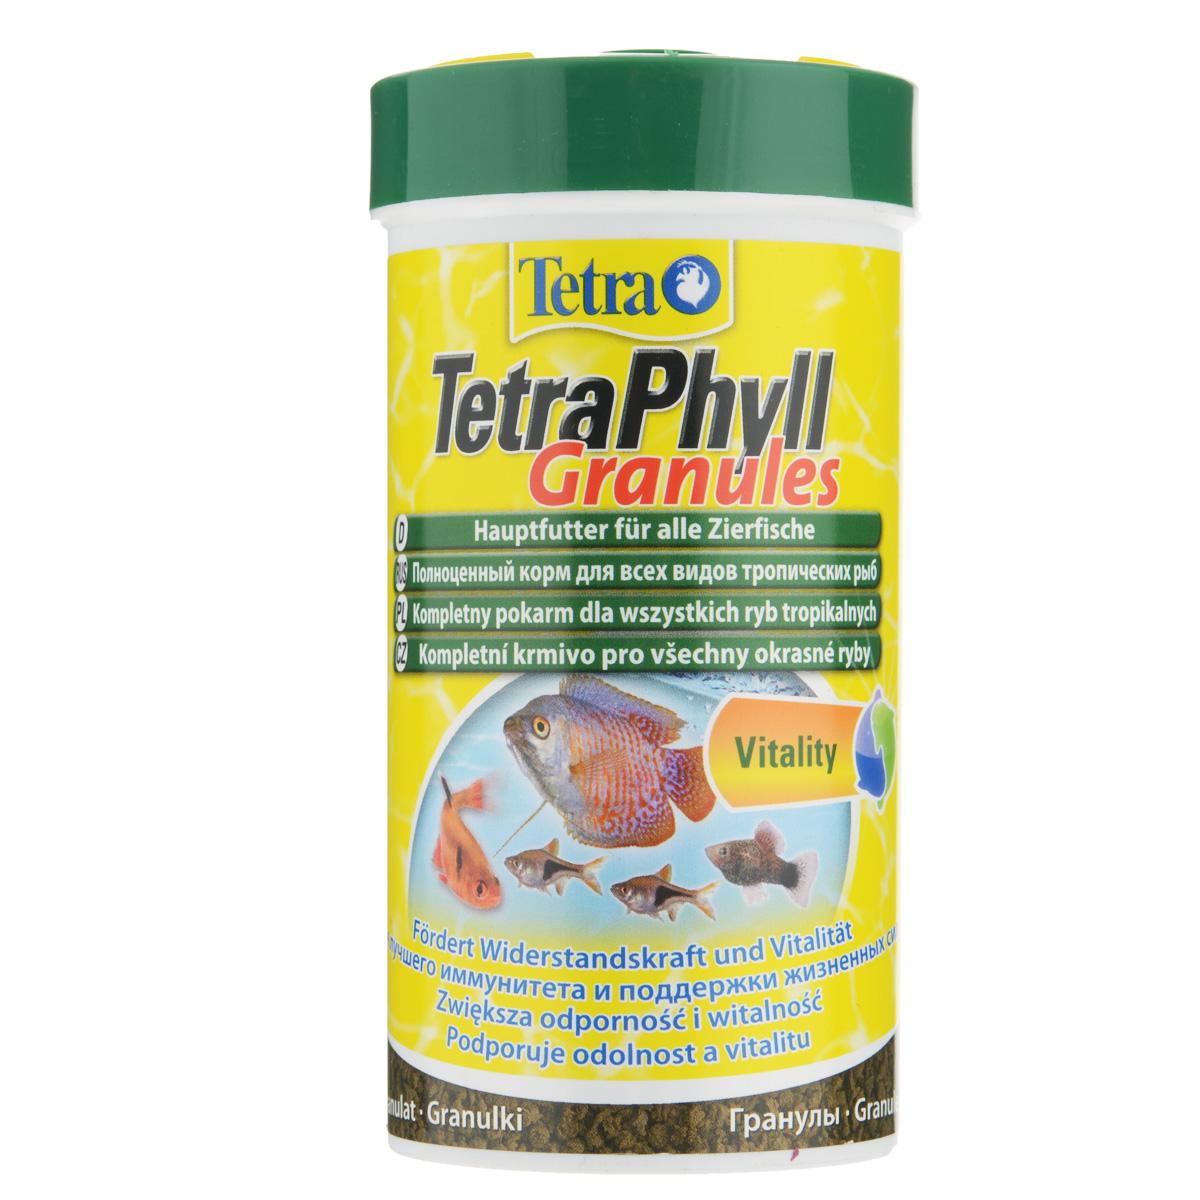 Корм сухой TetraPhyll Granules для всех видов аквариумных тропических рыб, в виде гранул, 250 мл корм сухой tetramin pro crisps для всех видов тропических рыб в виде чипсов 100 мл